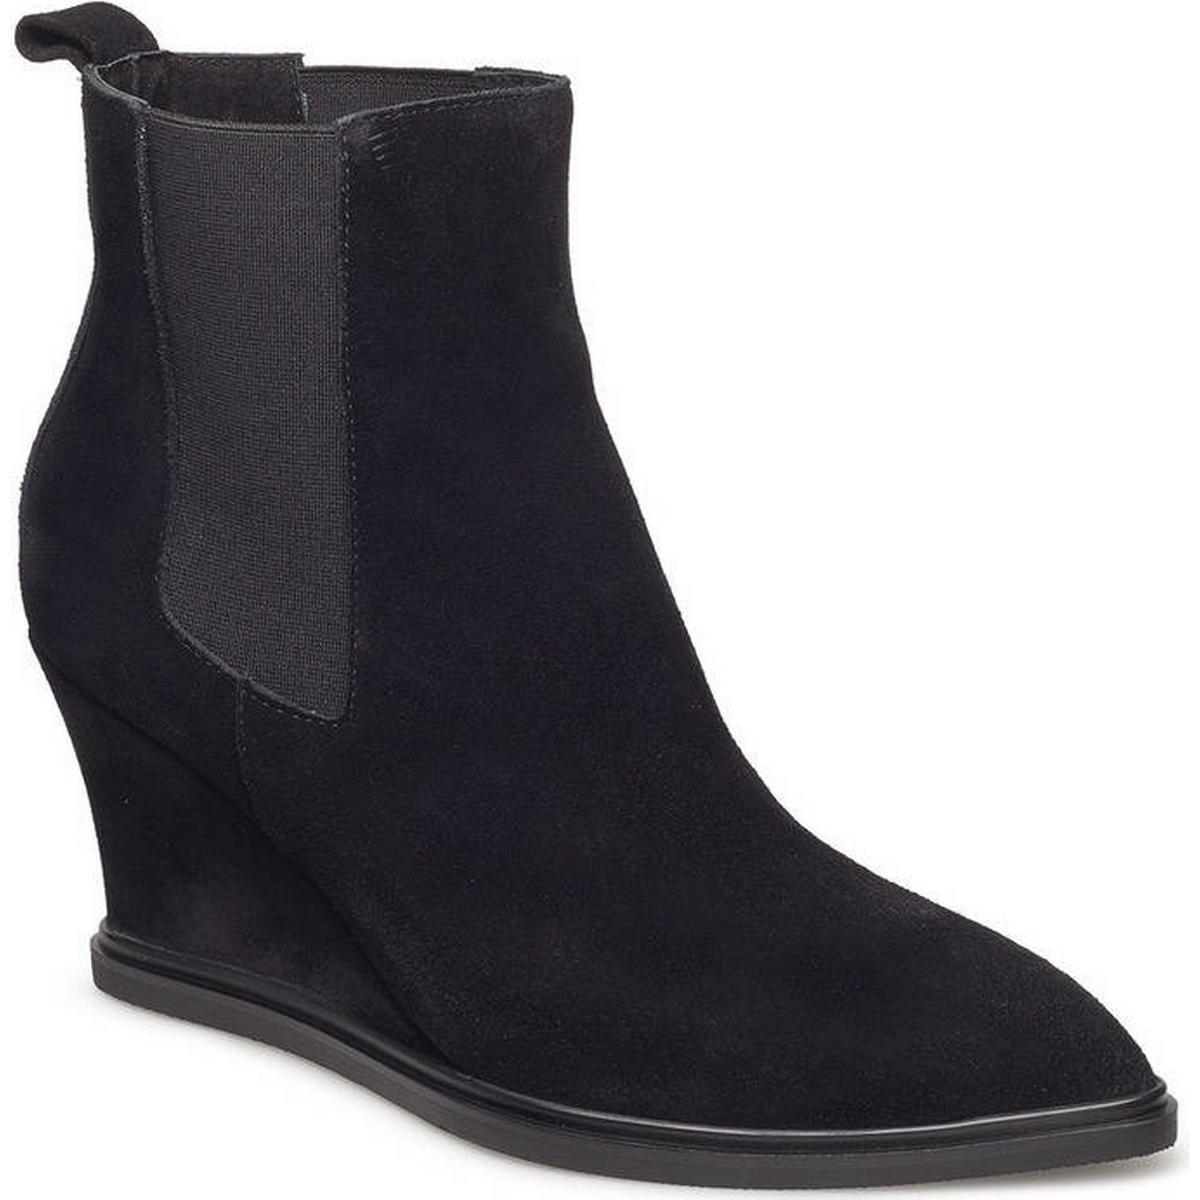 760b0b2a921 Kilehæl - Chelsea støvler - Sammenlign priser hos PriceRunner